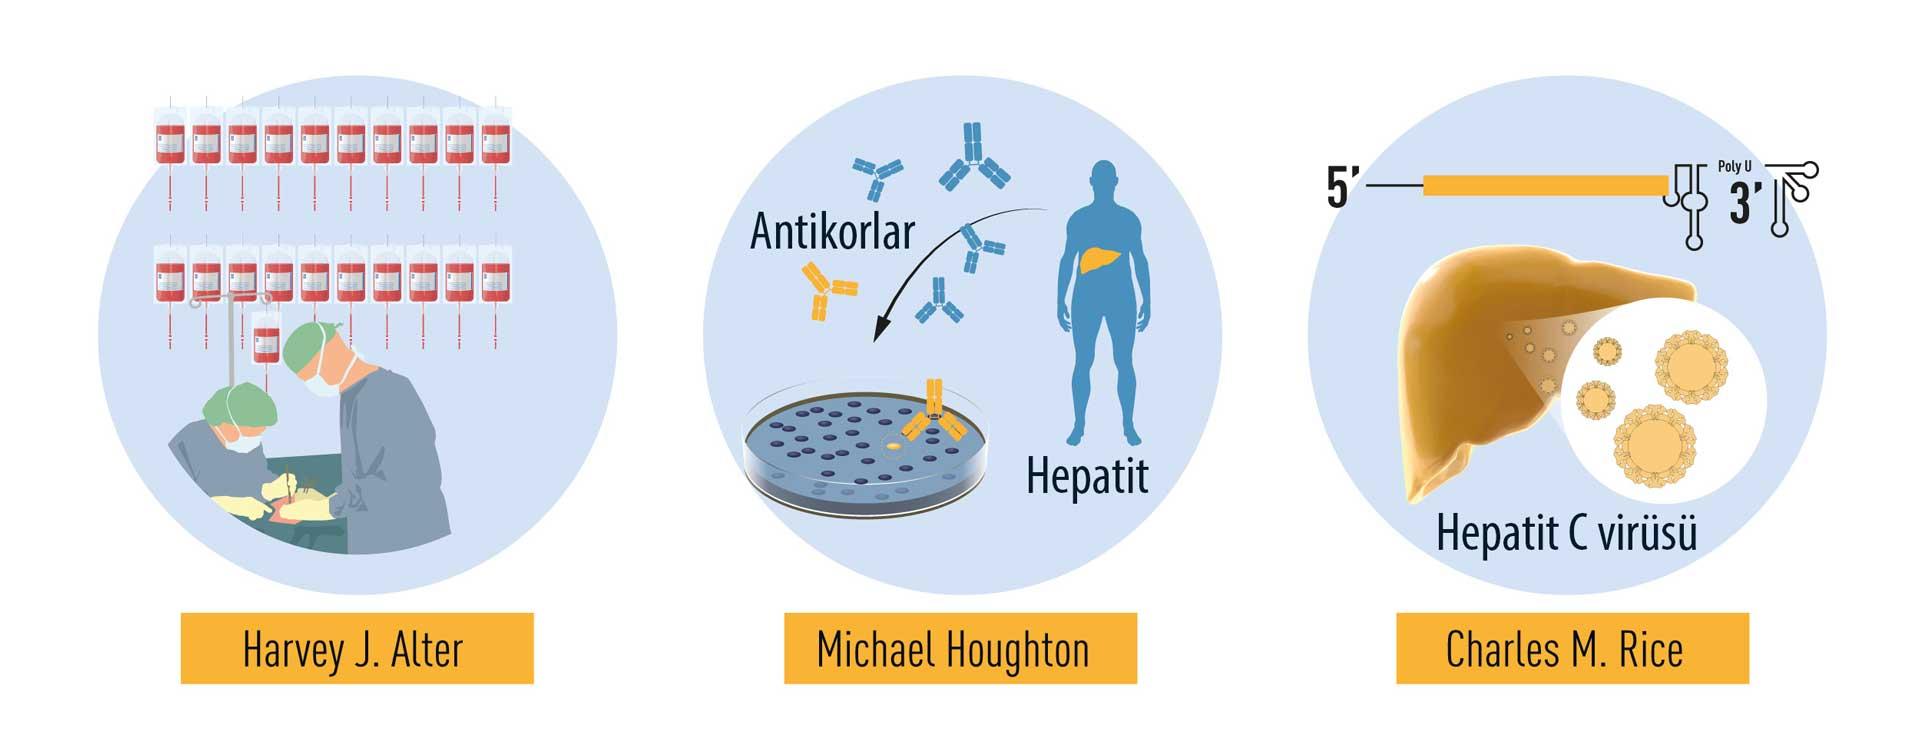 Nobel Tıp Ödülü 2020 Hepatit C keşfi harvey alter michael houghton charles rice ne buldu